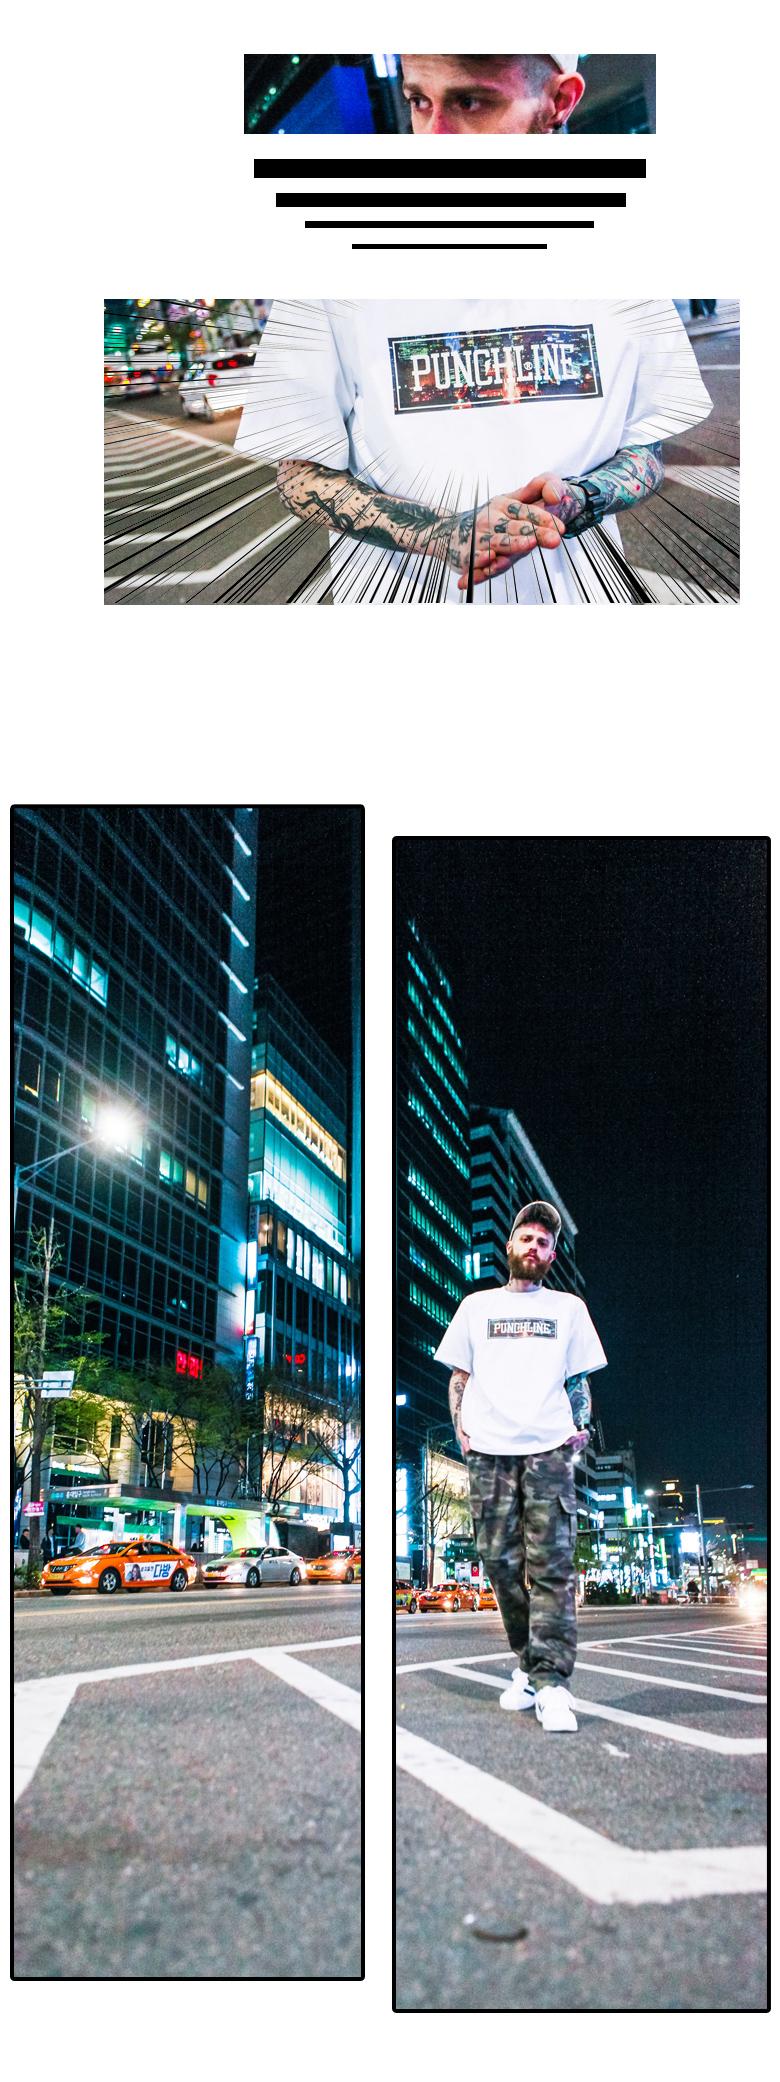 20170414_pl_citylife_all_jsmh_04.jpg